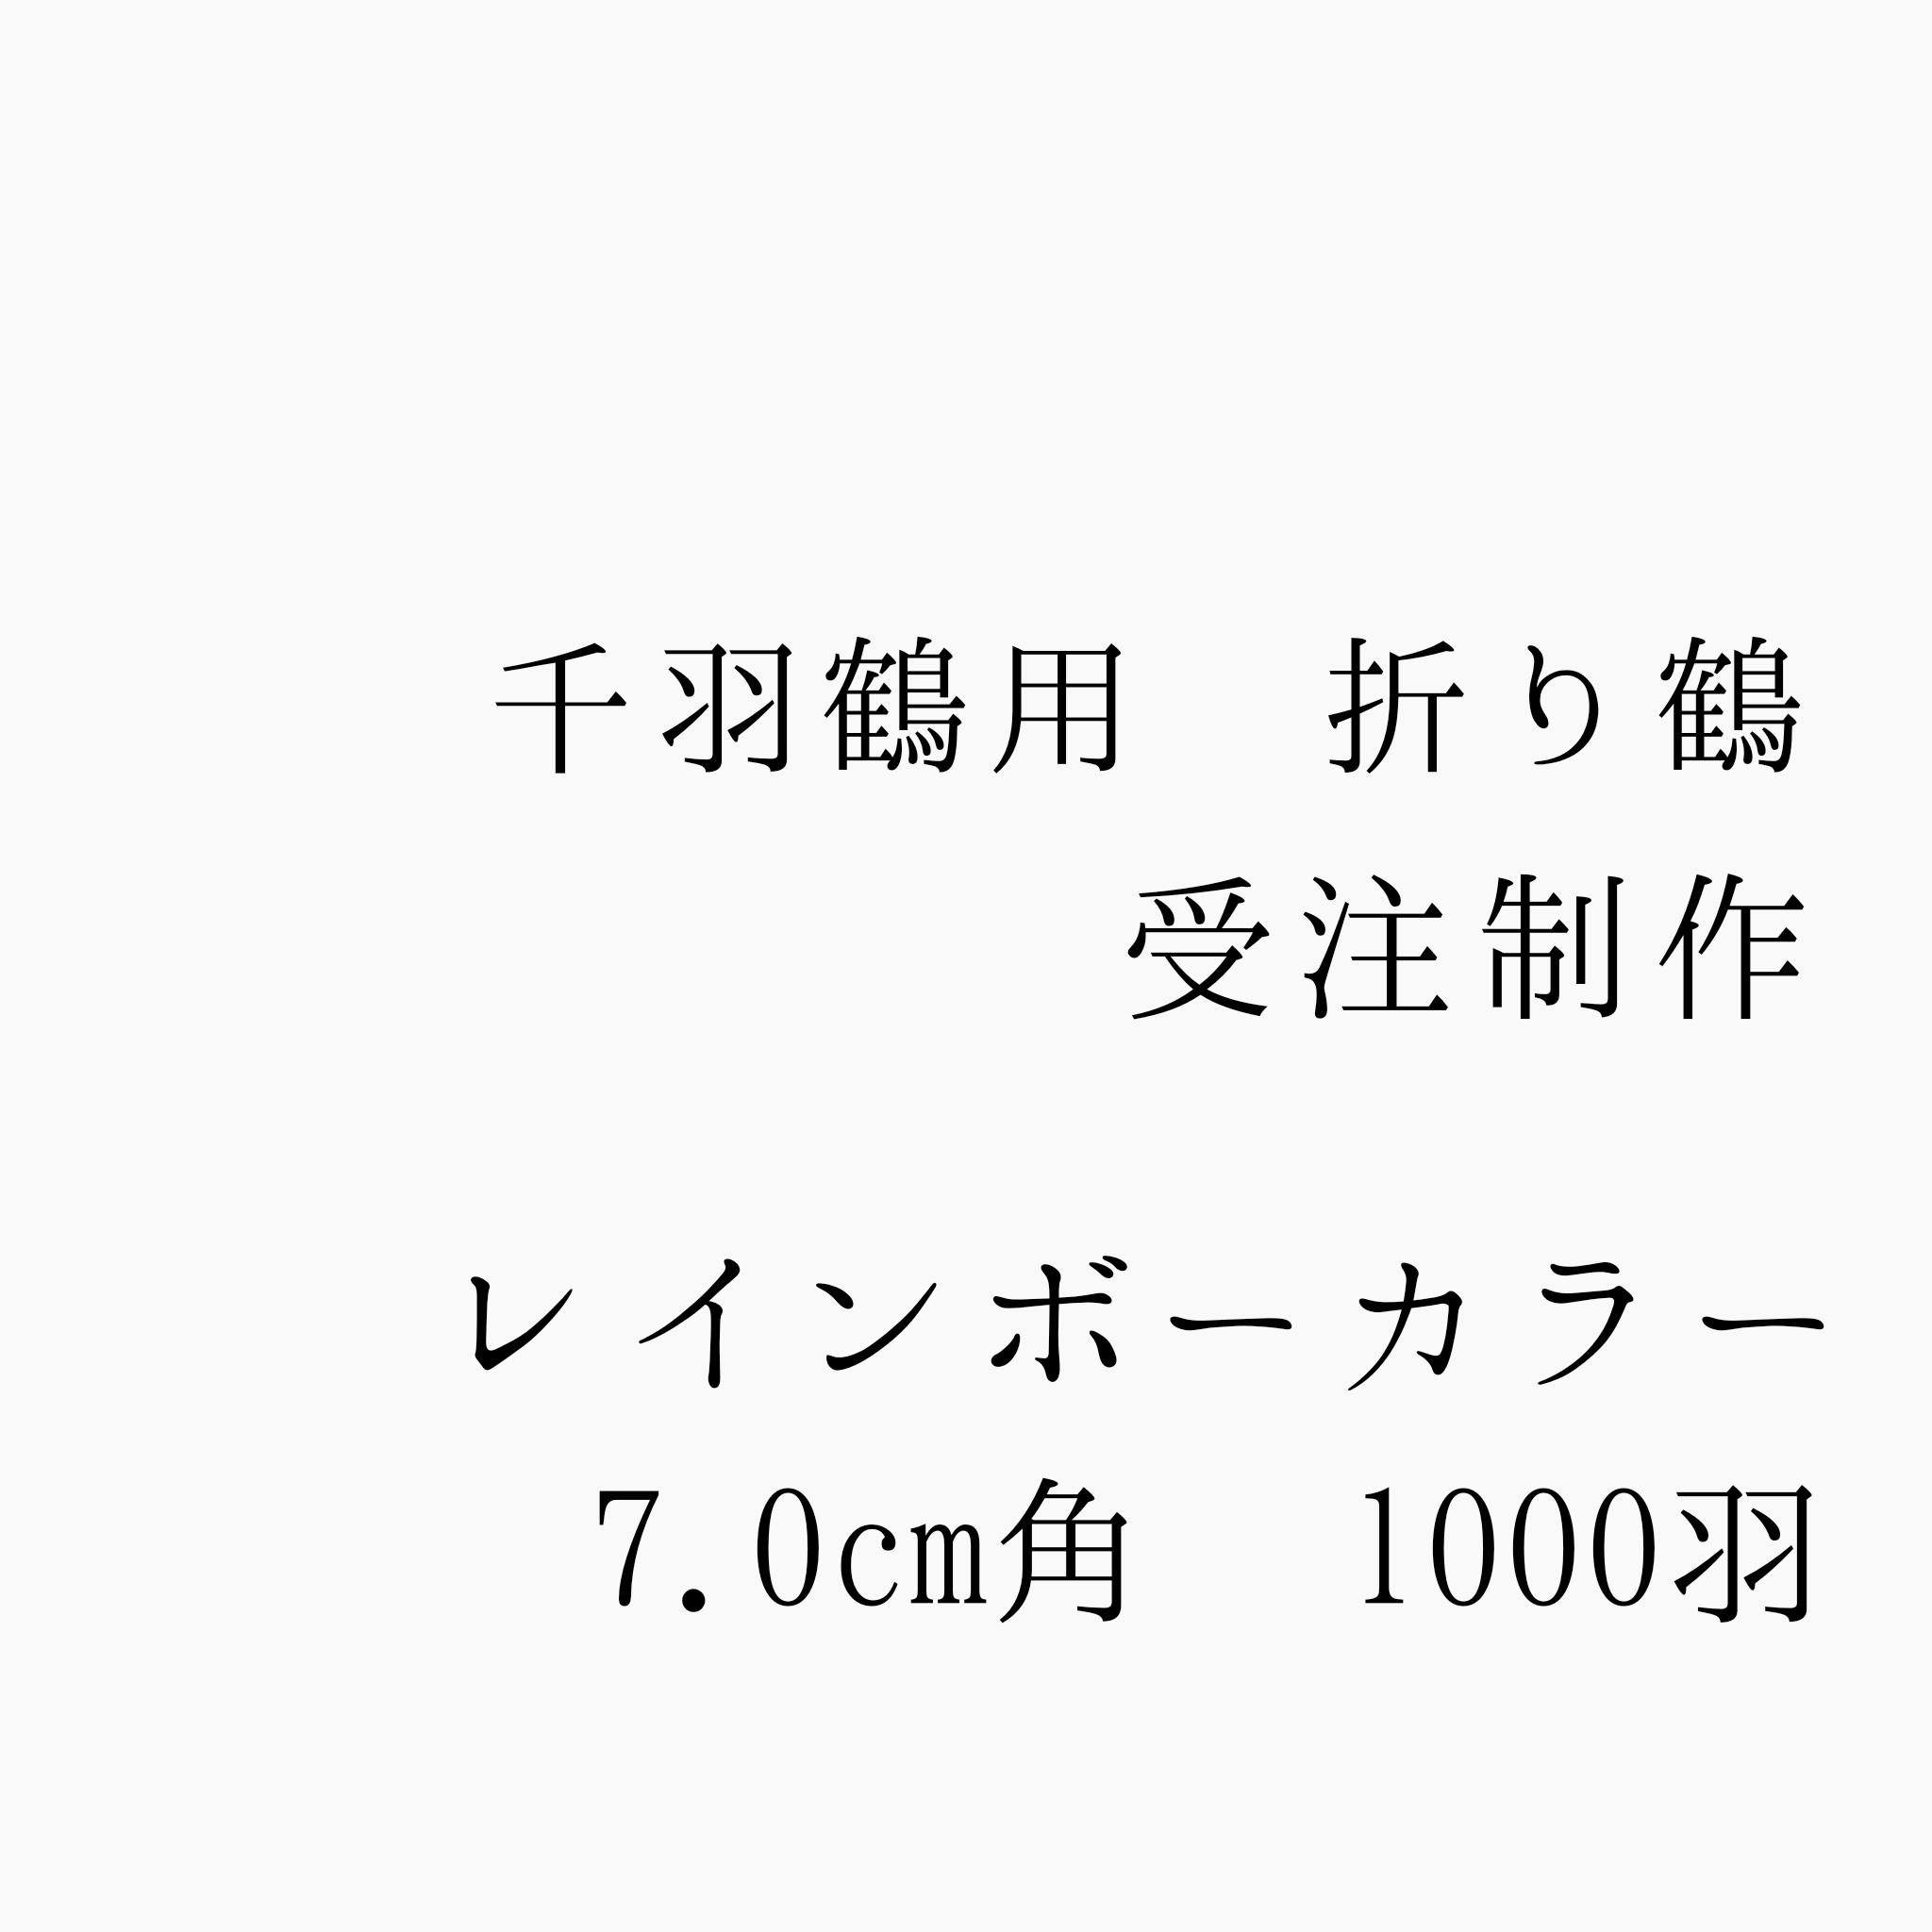 千羽鶴用折り鶴 受注制作 レインボーカラー7cm角